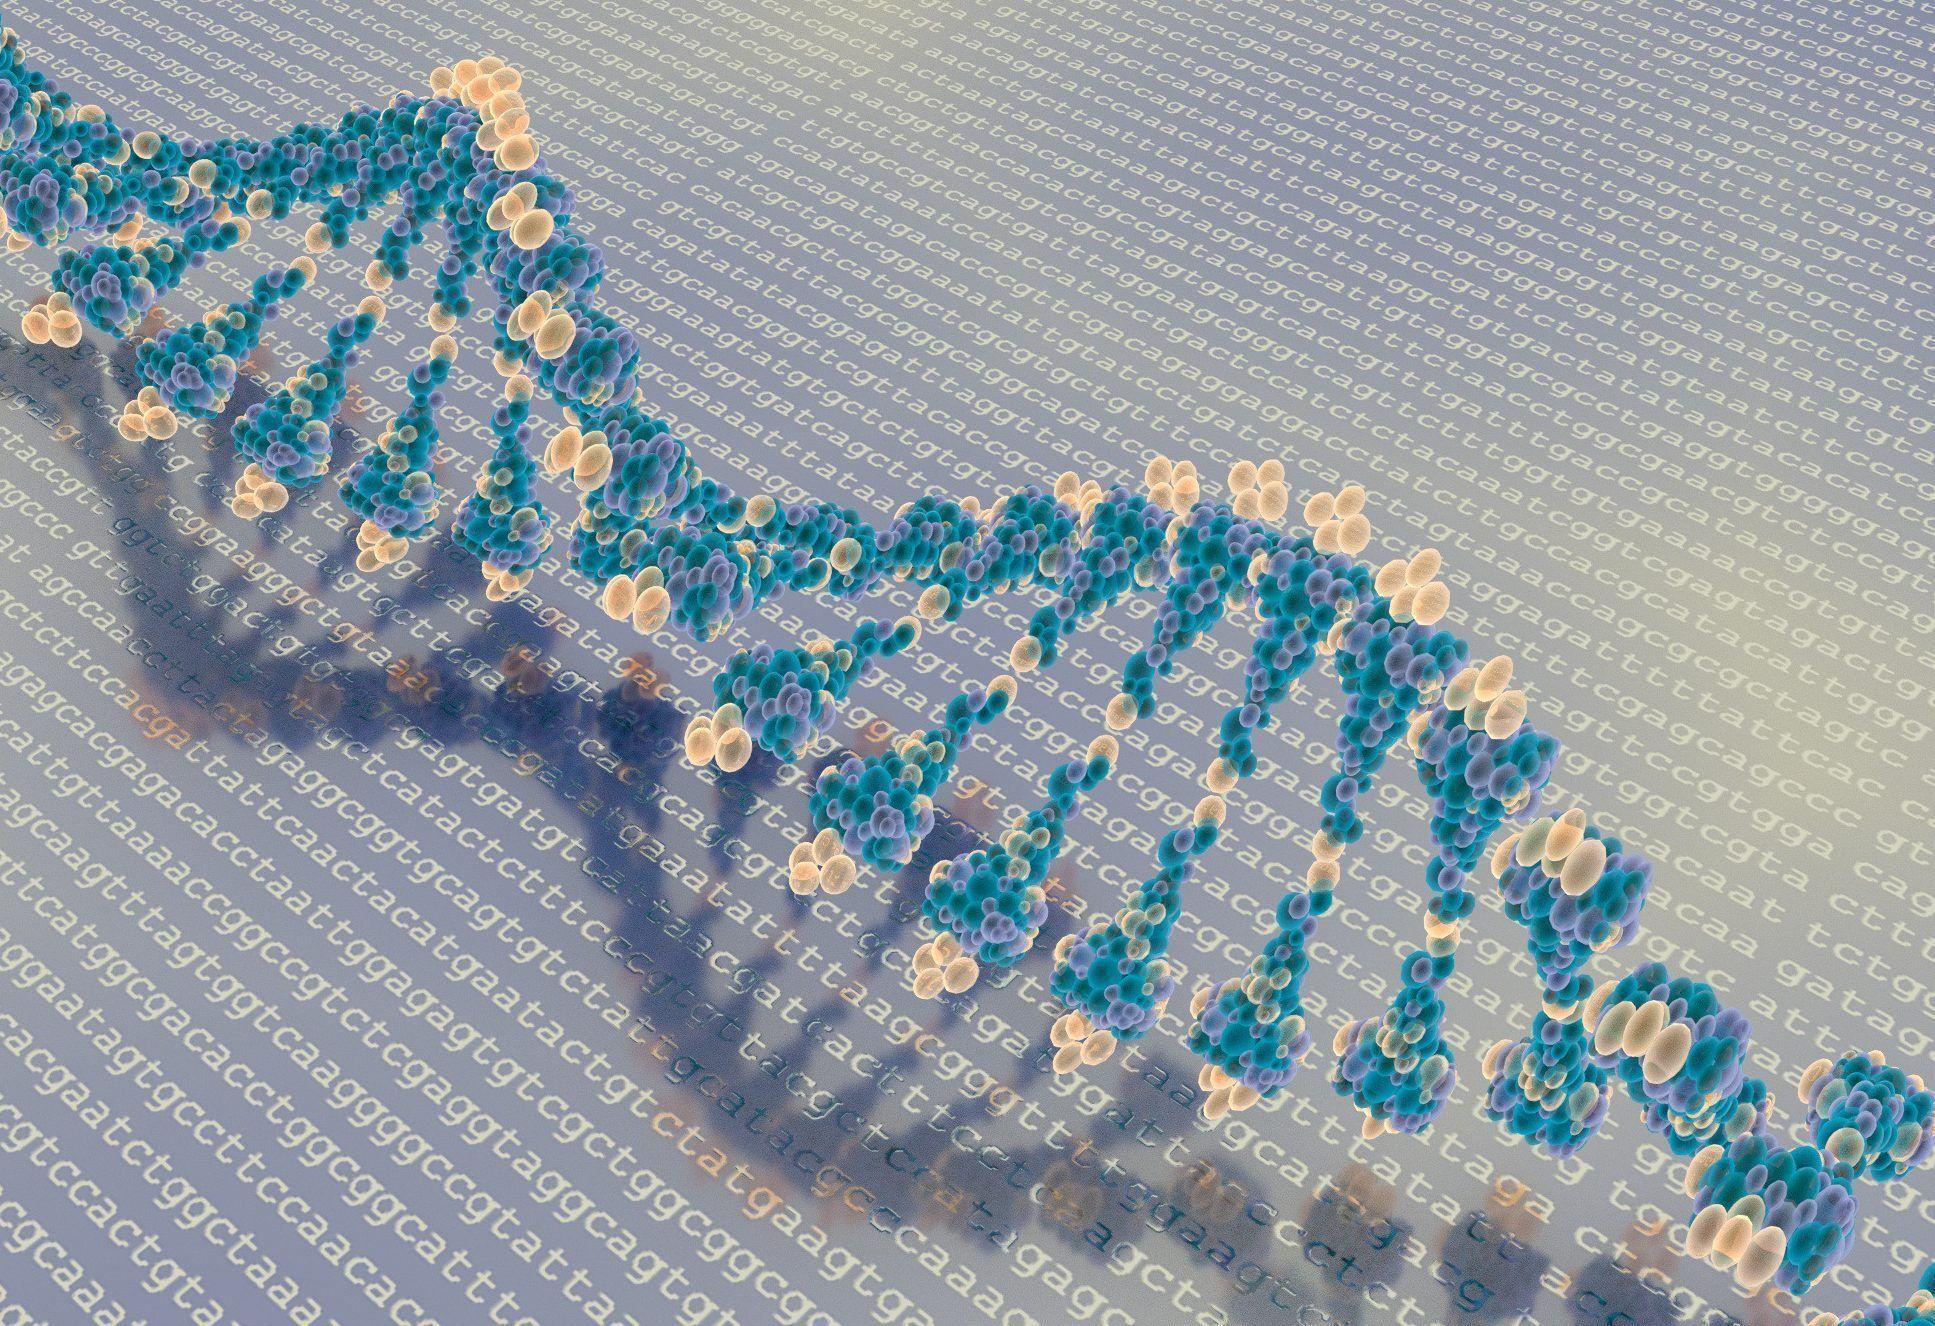 La secuencia de ADN constituye las instrucciones de nuestro organismo. El epigenoma permite interpretarlas. Imagen: Mehmet Pinarci.